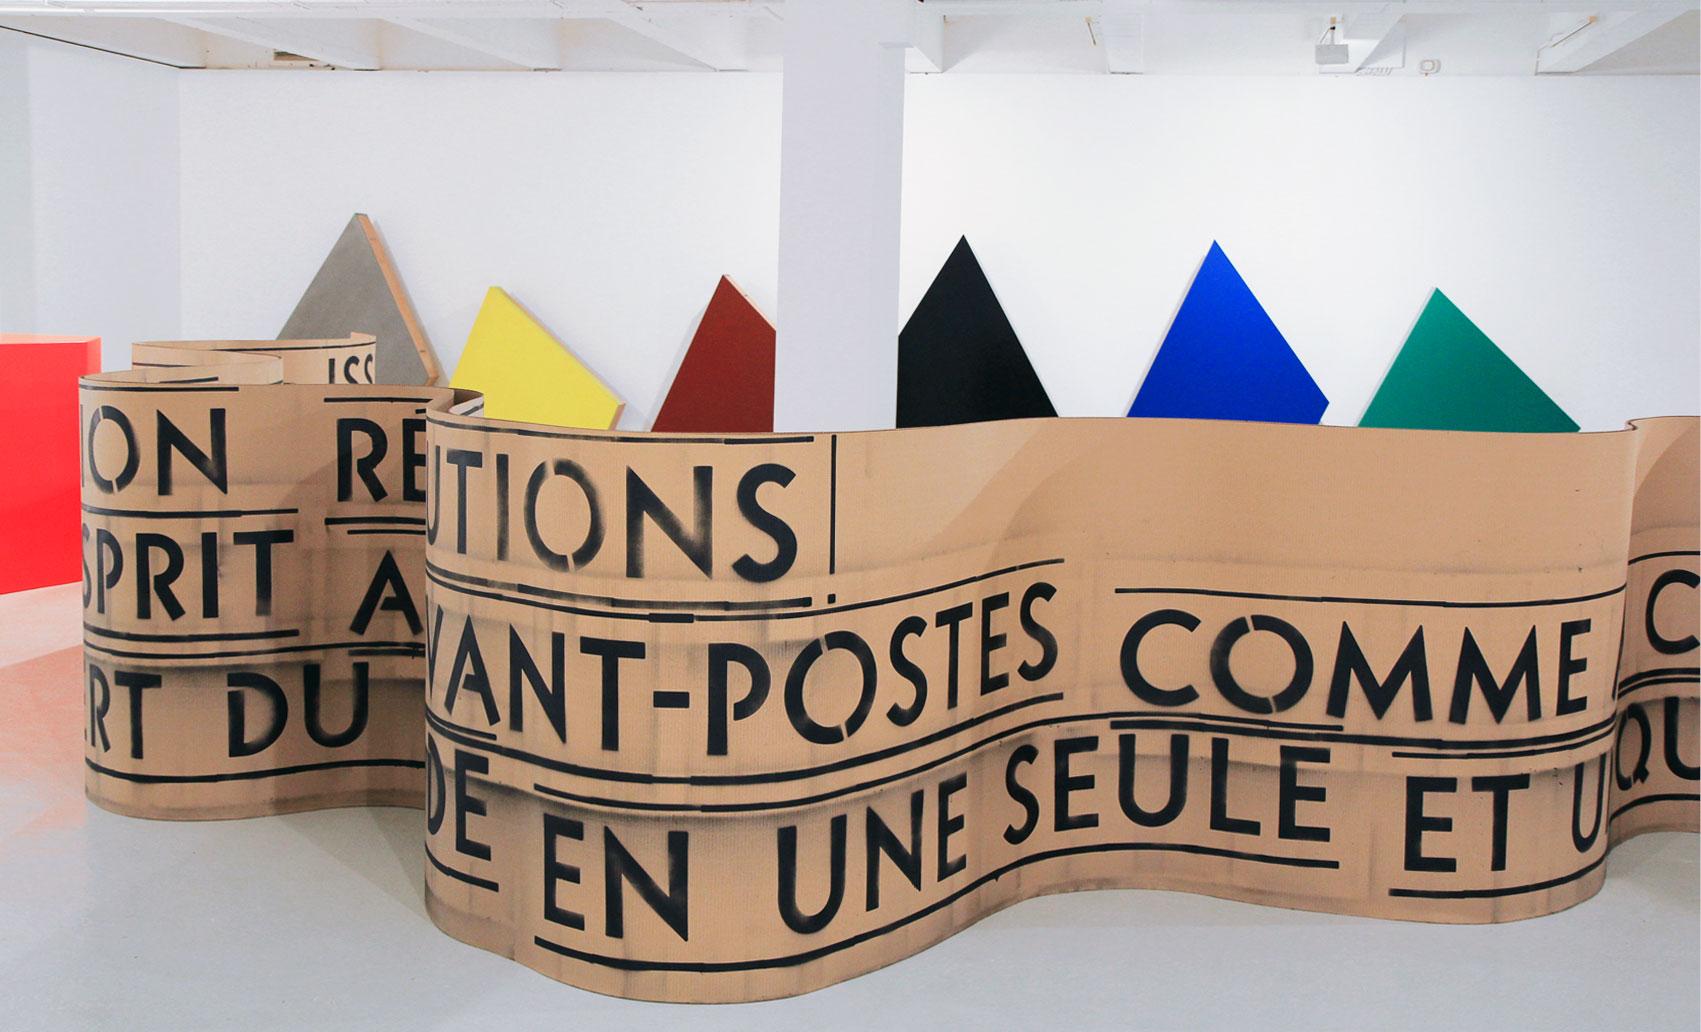 Œuvre réalisée en collaboration avec Delphine Coindet, pochoirs métalliques sur carton. Avec l'aide des étudiant·e·s du master «Métiers et arts de l'exposition» de l'Université de Rennes. (Vue de l'exposition «Périmètre étendu»).